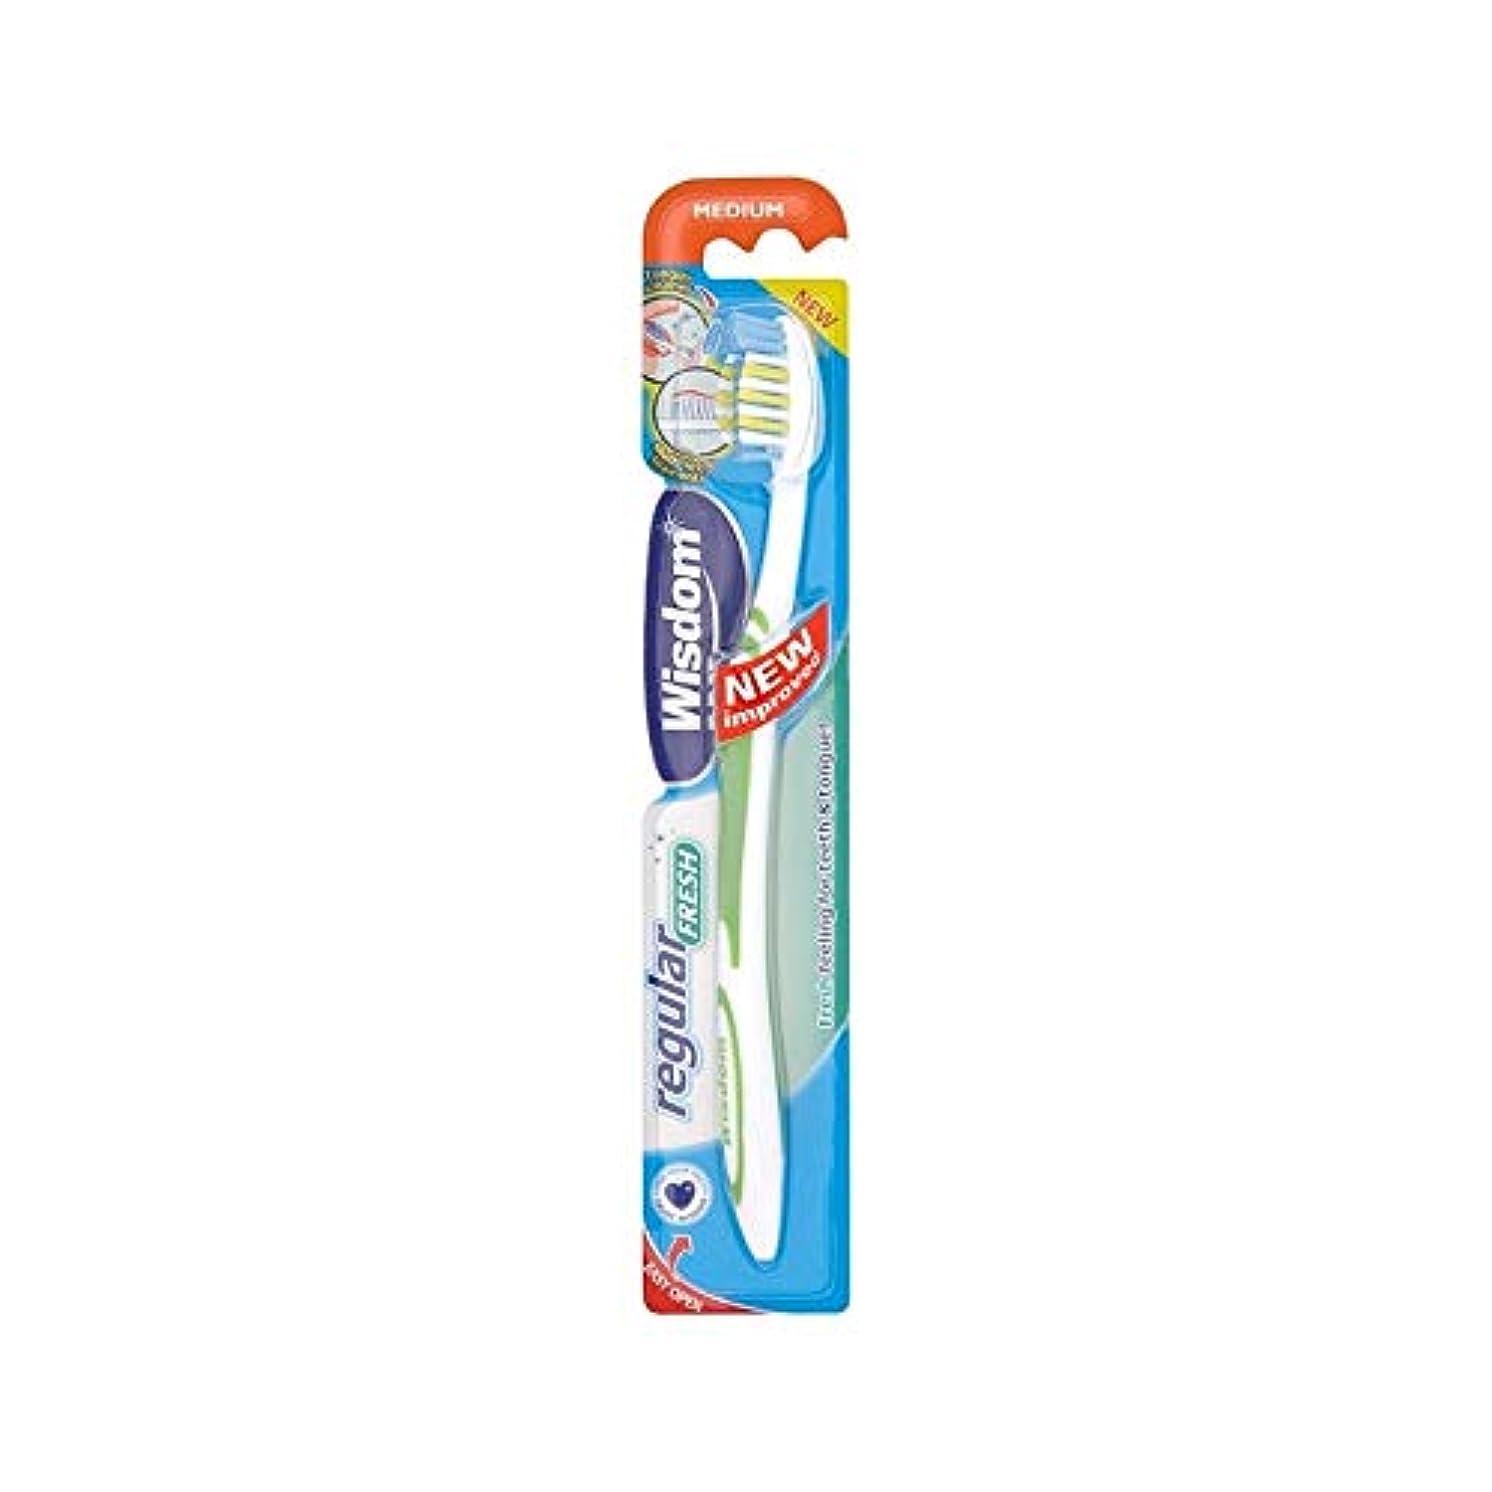 プロット単位潤滑する[Wisdom ] 12の知恵定期的に新鮮な培地歯ブラシパック - Wisdom Regular Fresh Medium Toothbrush Pack of 12 [並行輸入品]